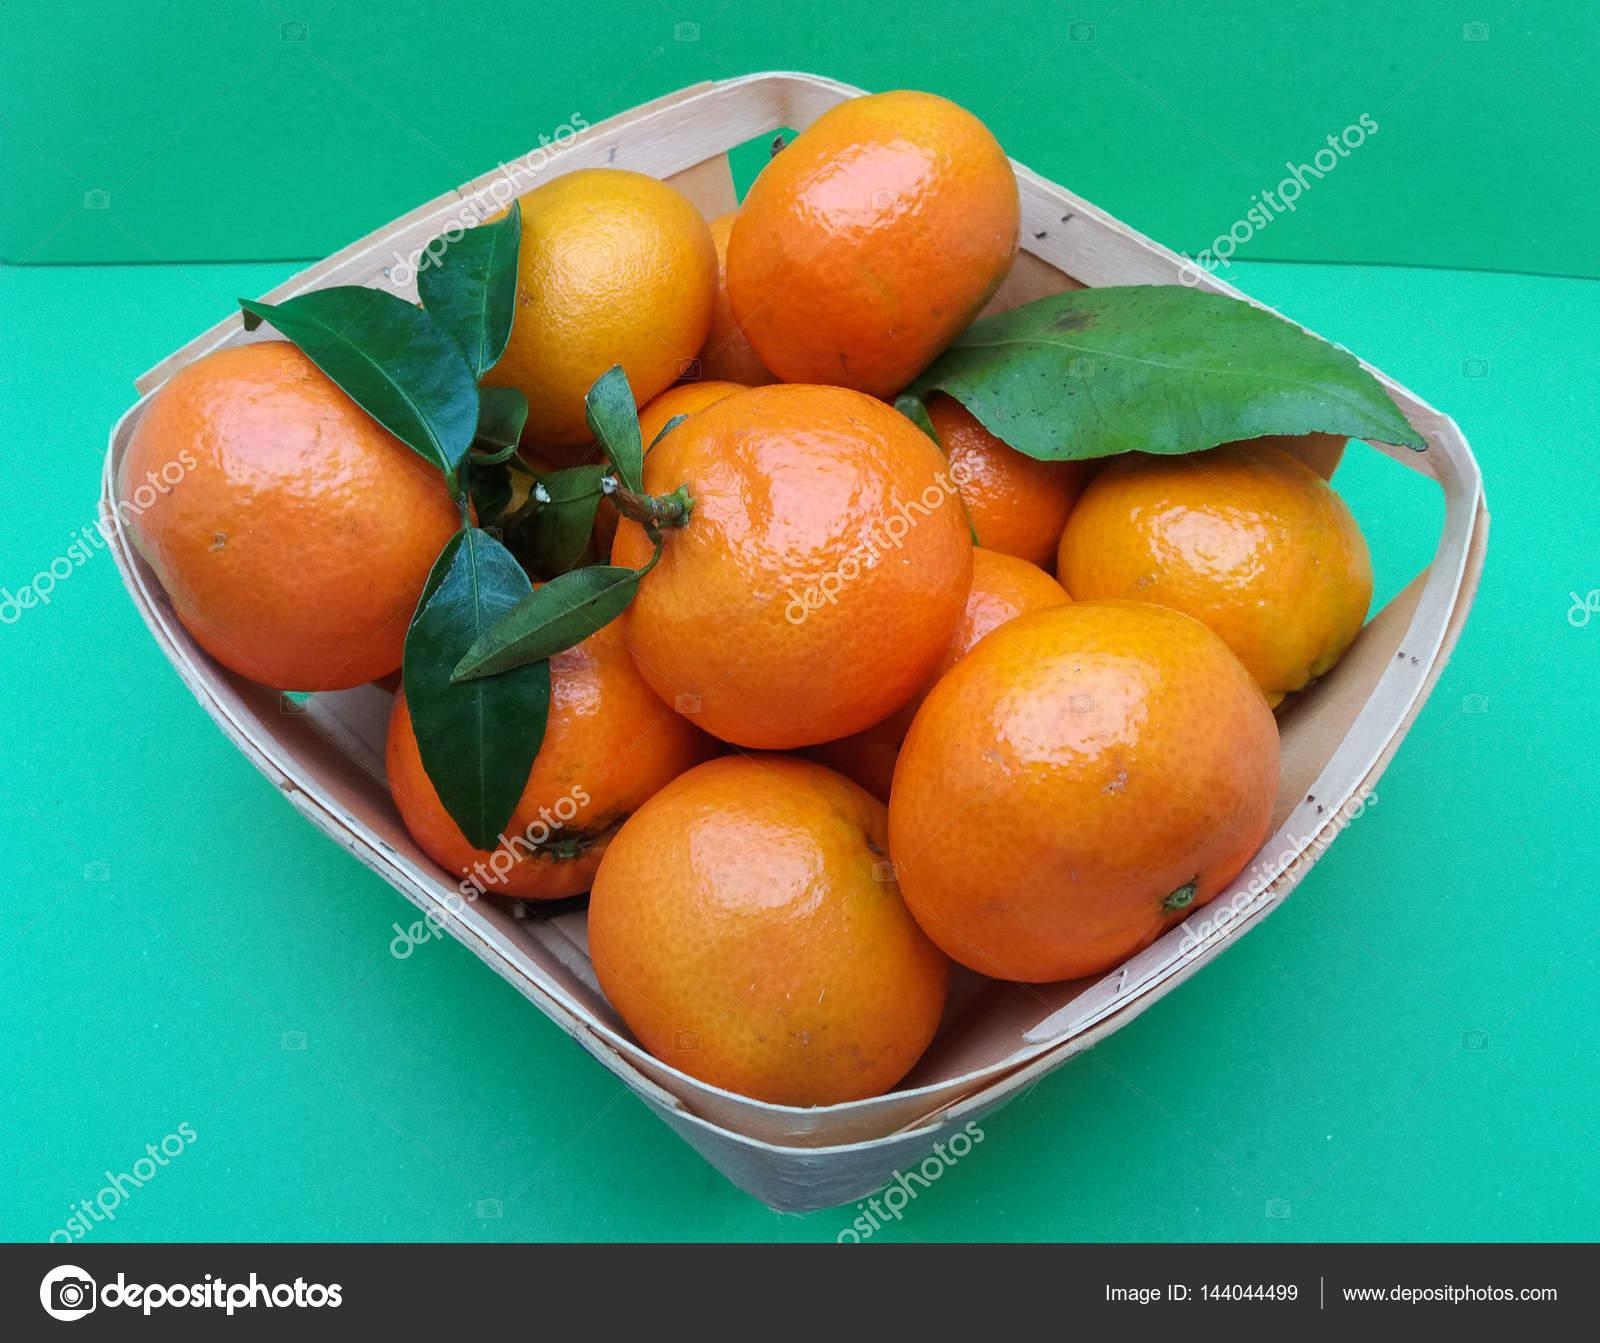 b98aff262d Comida Vegetariana Fruta Laranja Tangerina Citrus Reticulata — Fotografia  de Stock